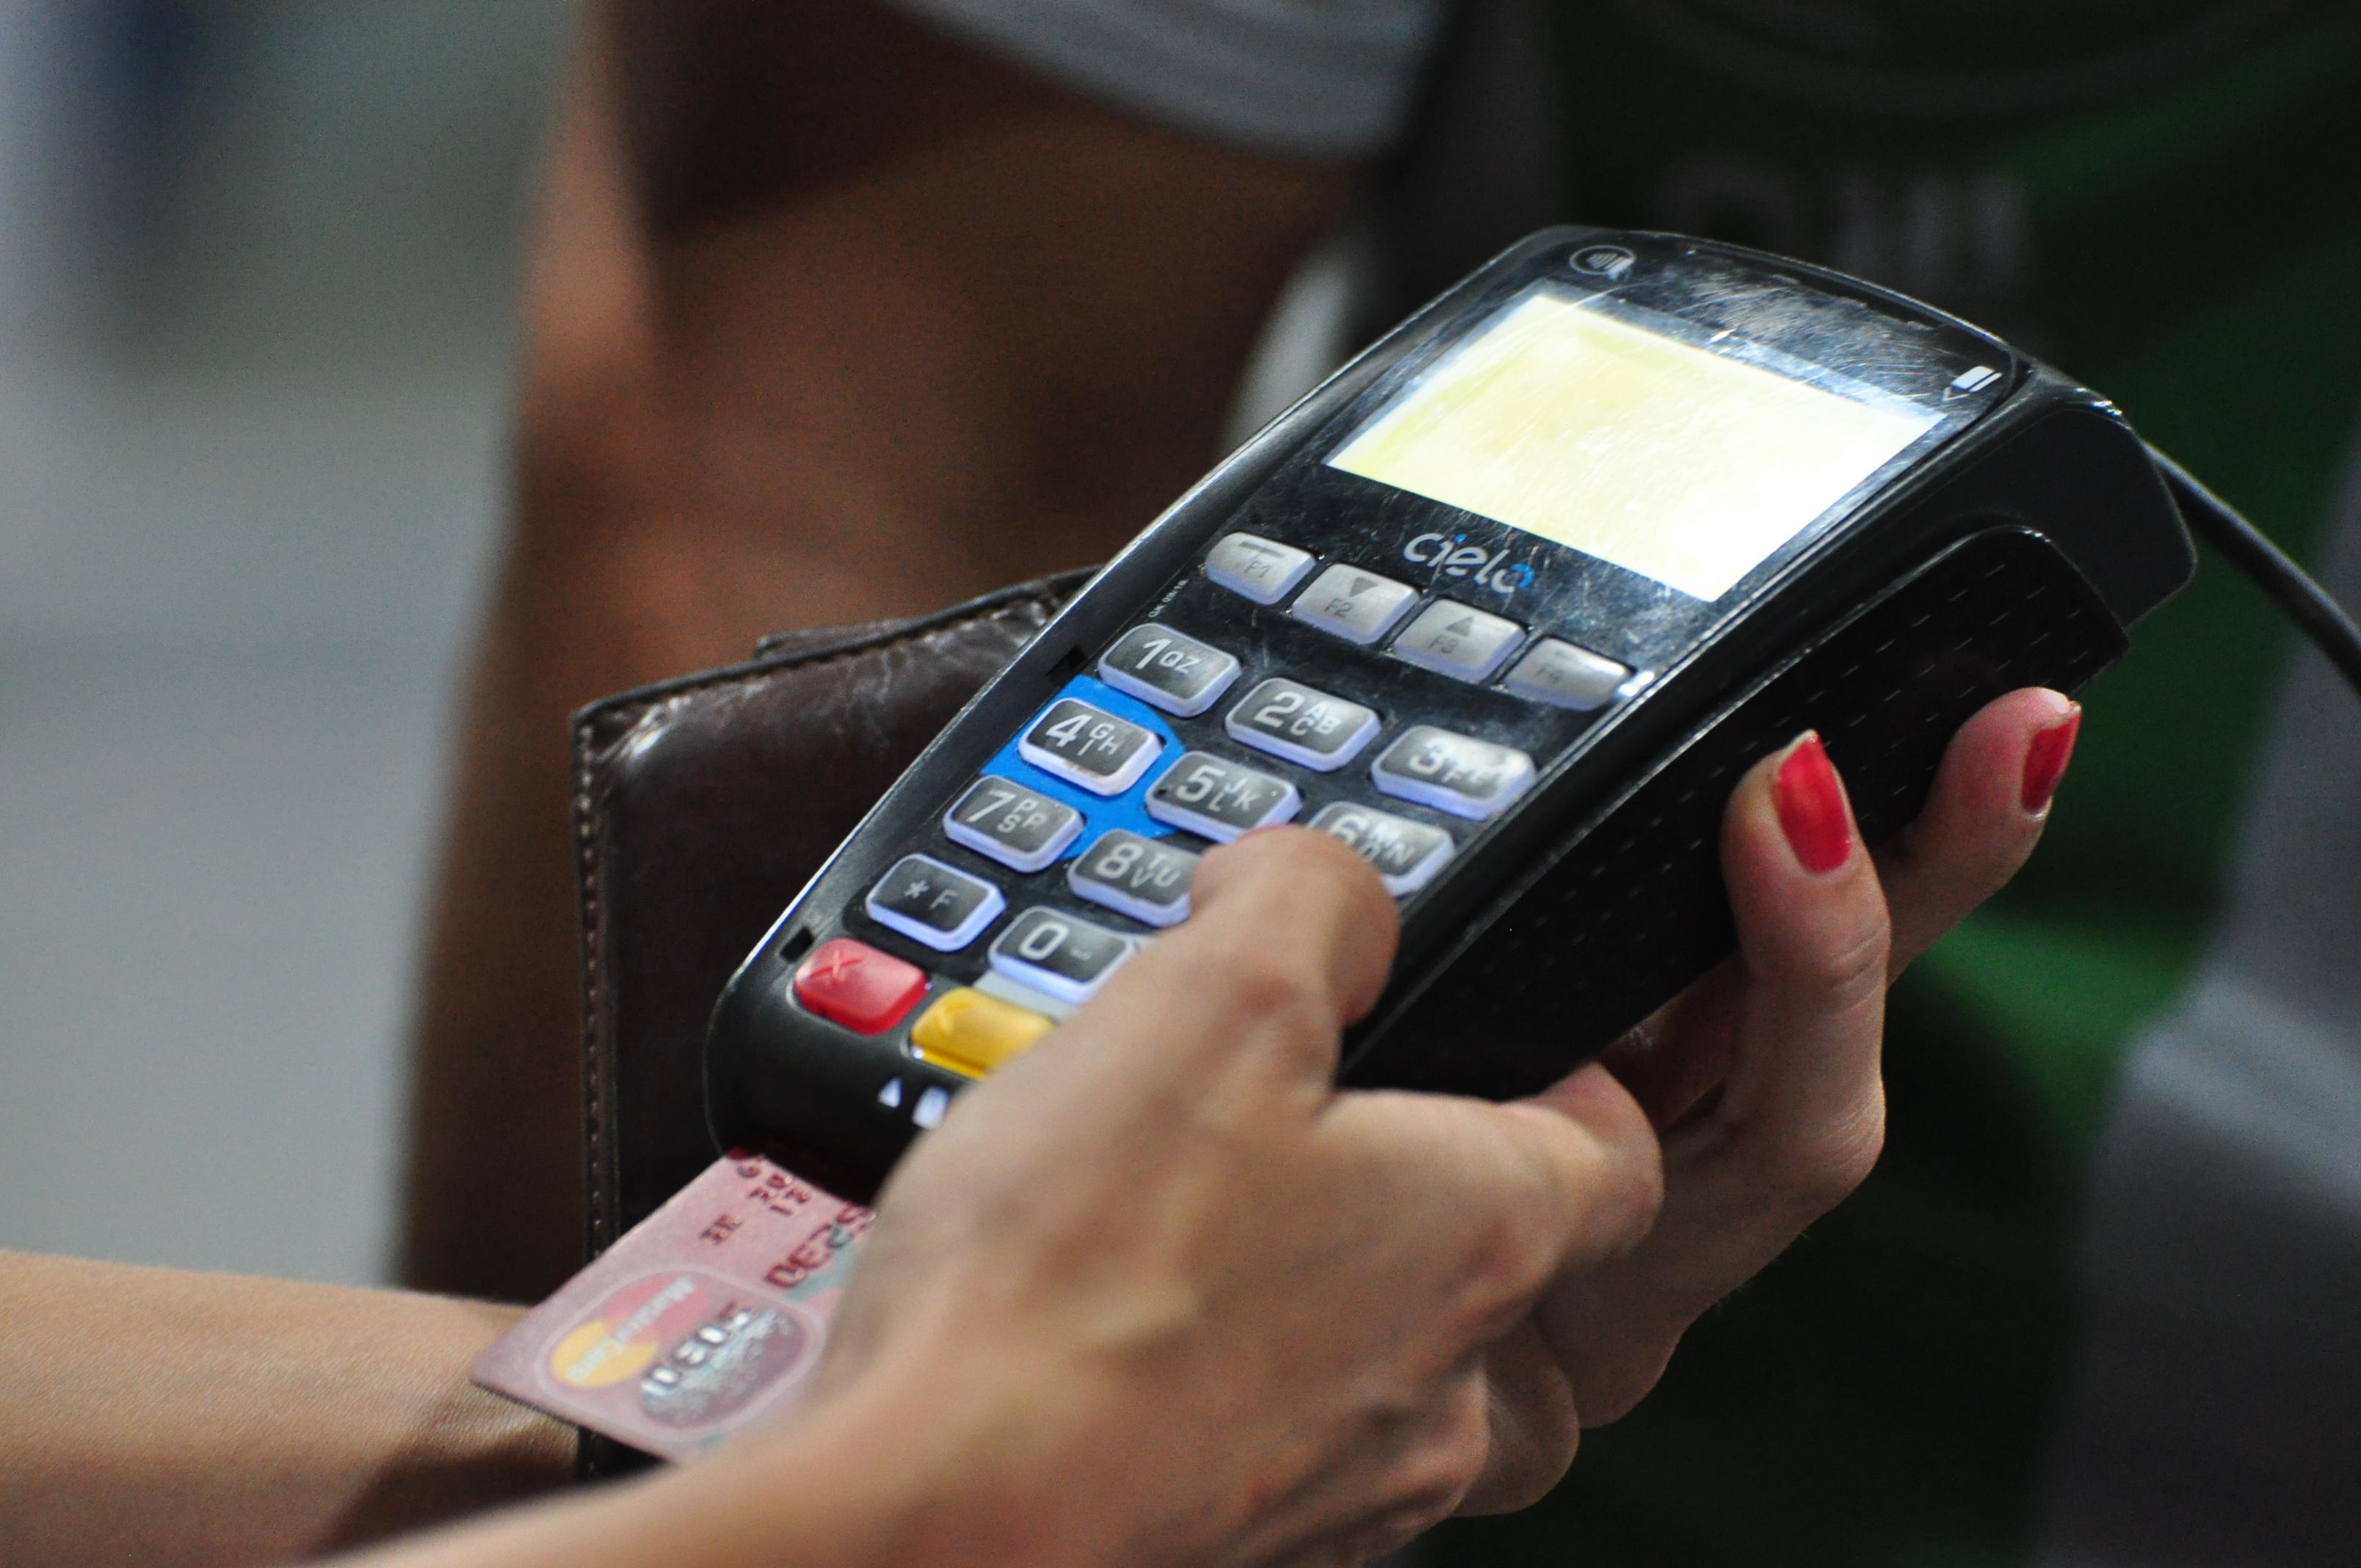 Protesto contra o Aumento de Combustível maquineta de cartão de credito 34